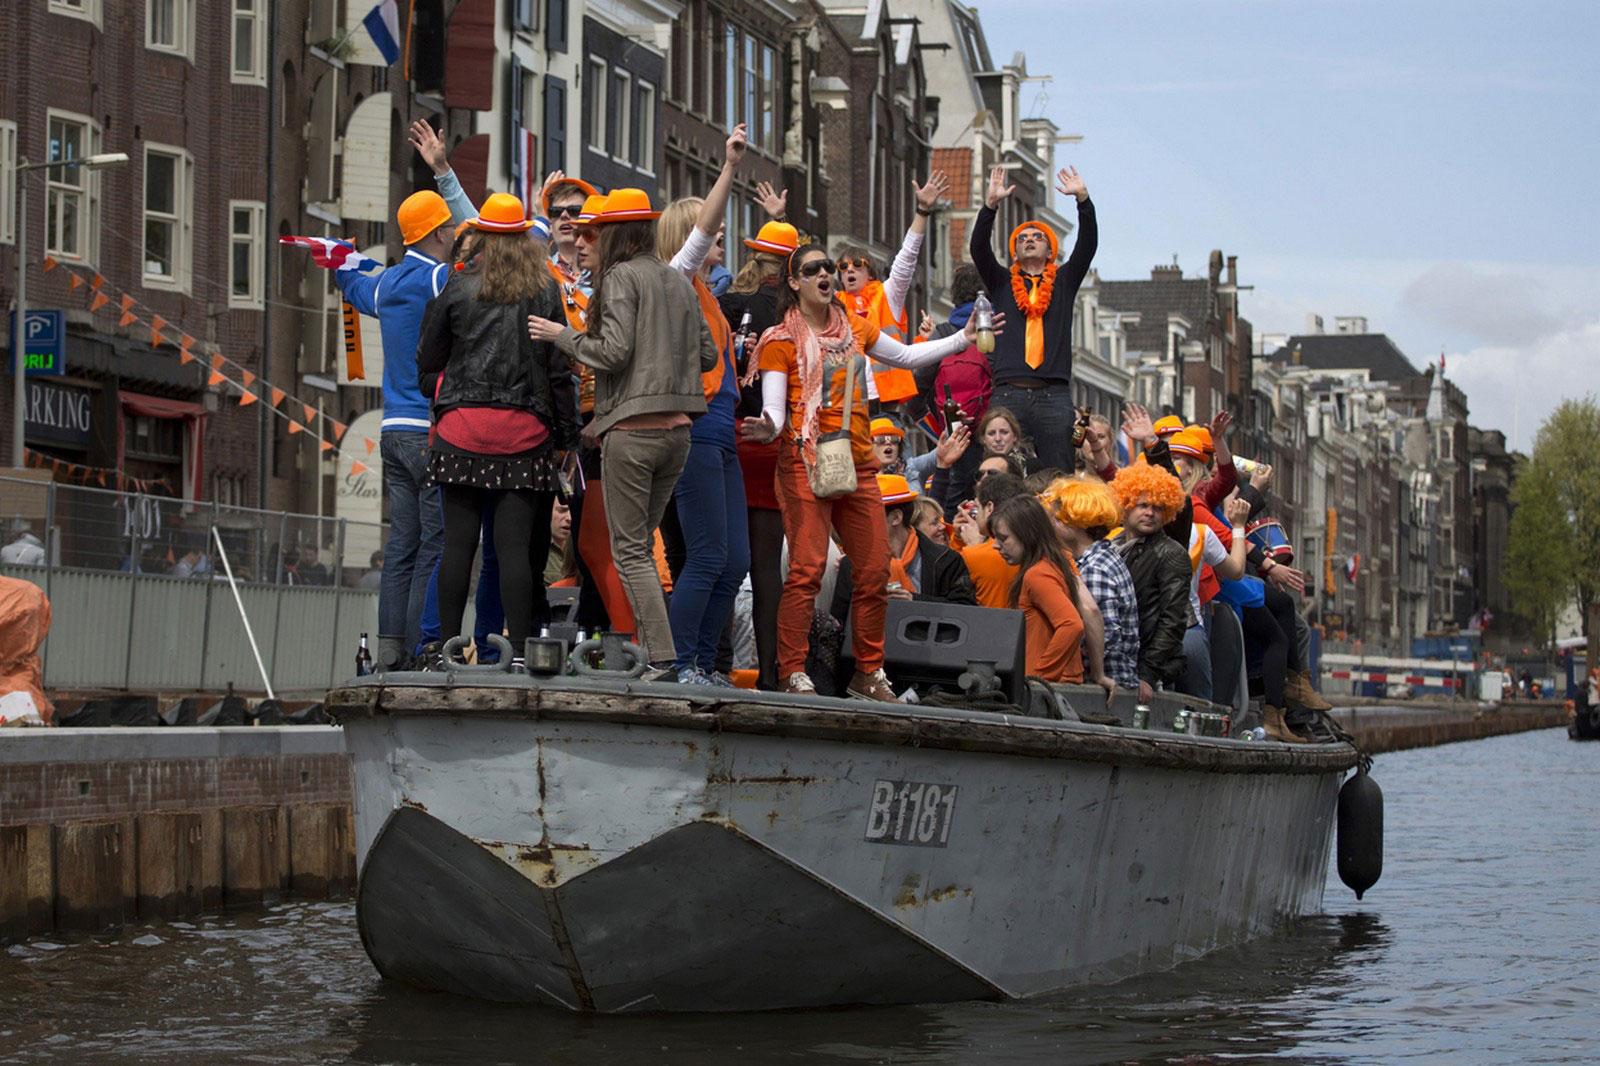 жители на лодке